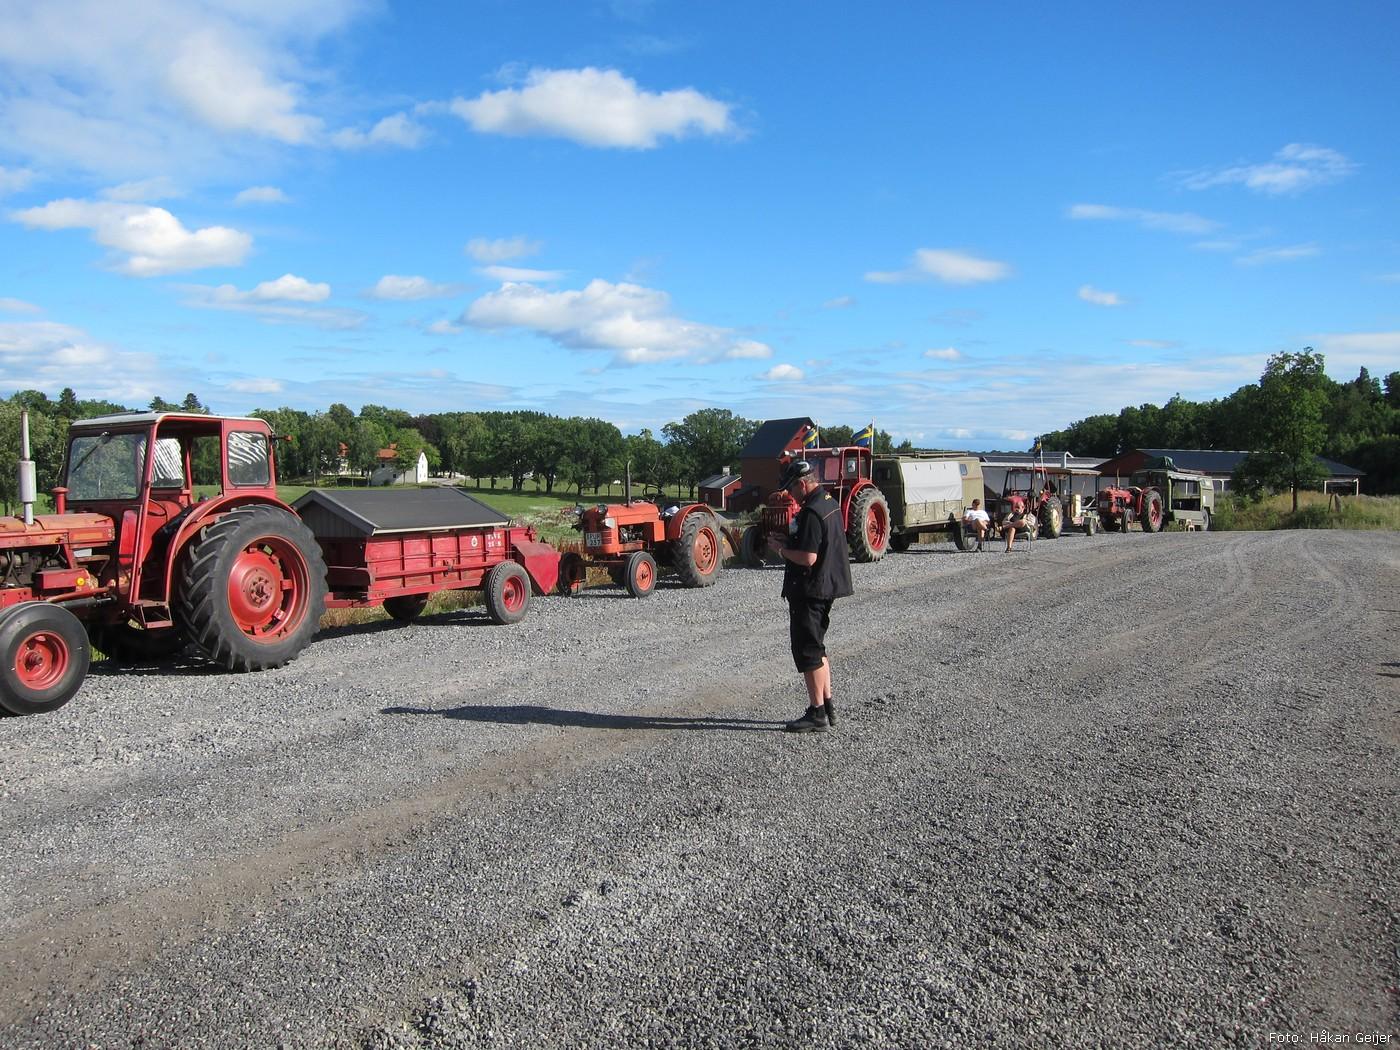 2013-07-20_082_Traktorresa